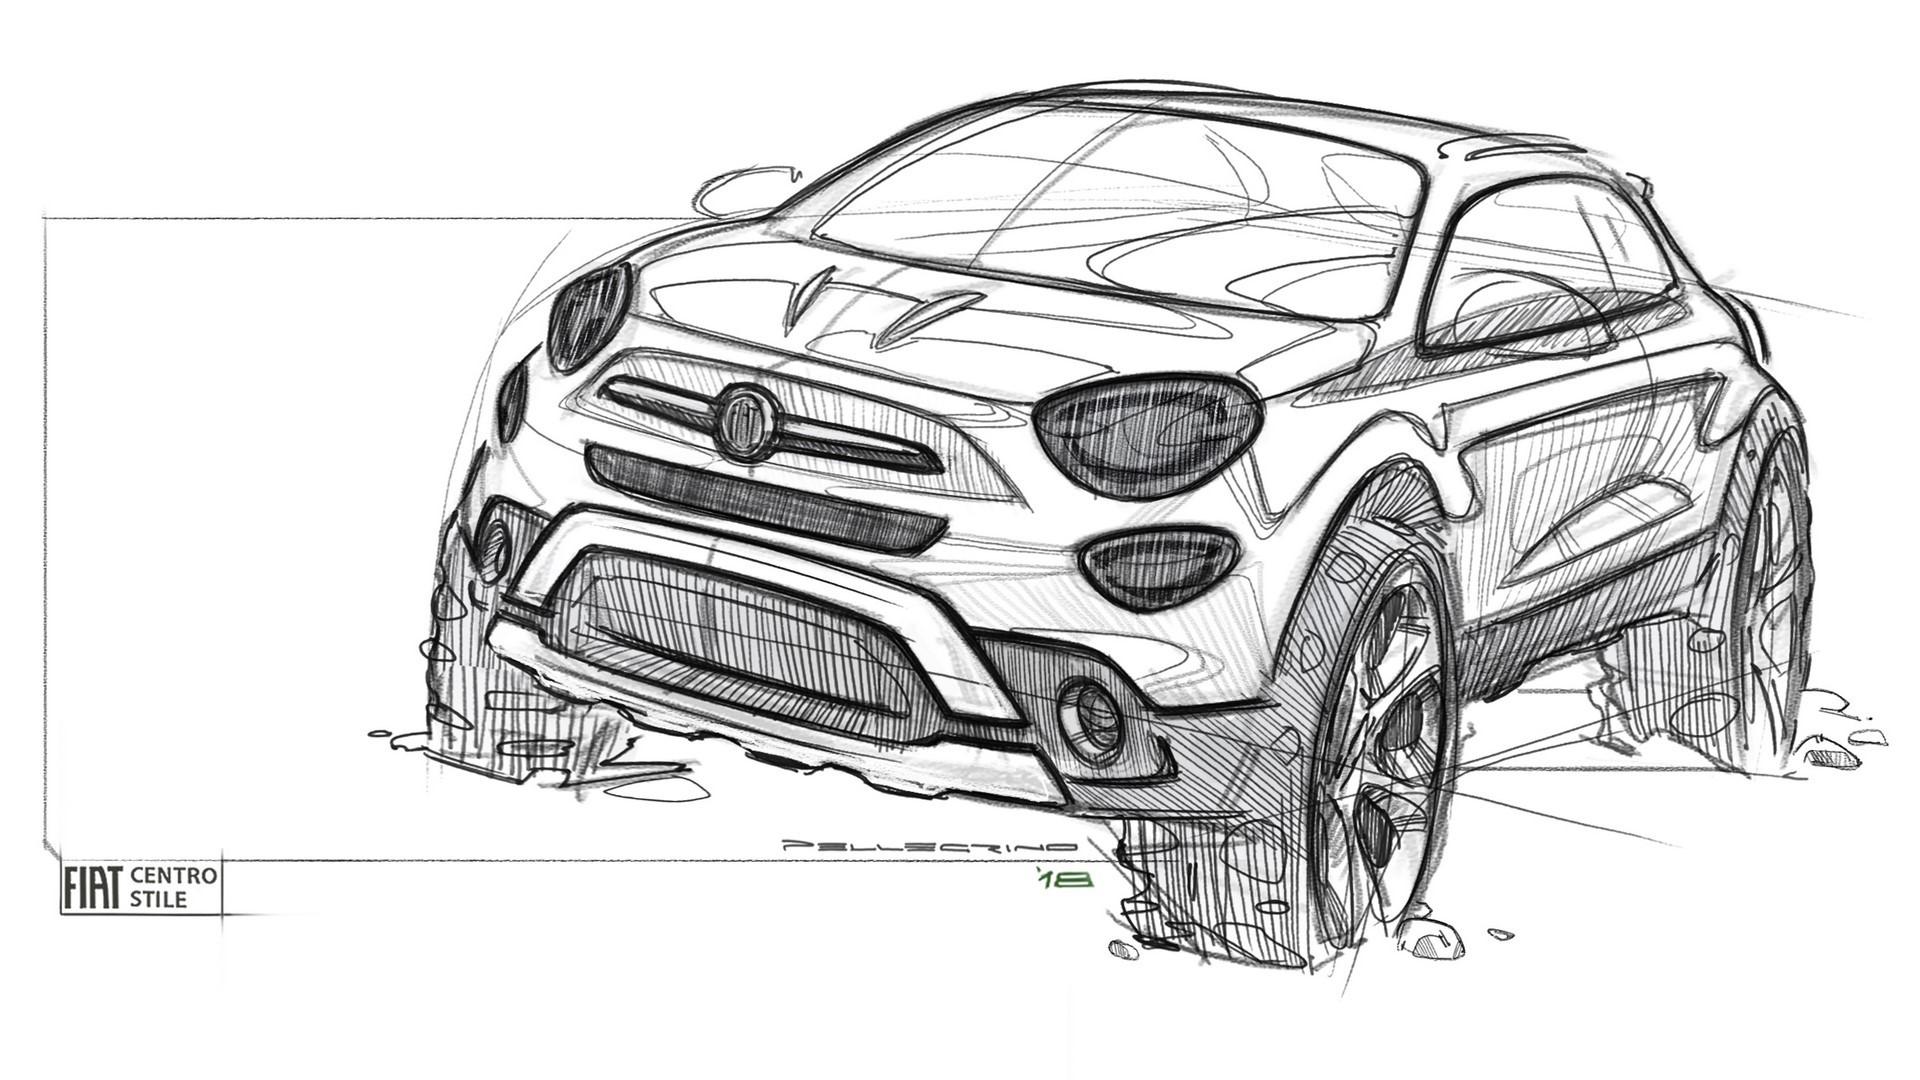 180828_Fiat_New-500X-sketch_12